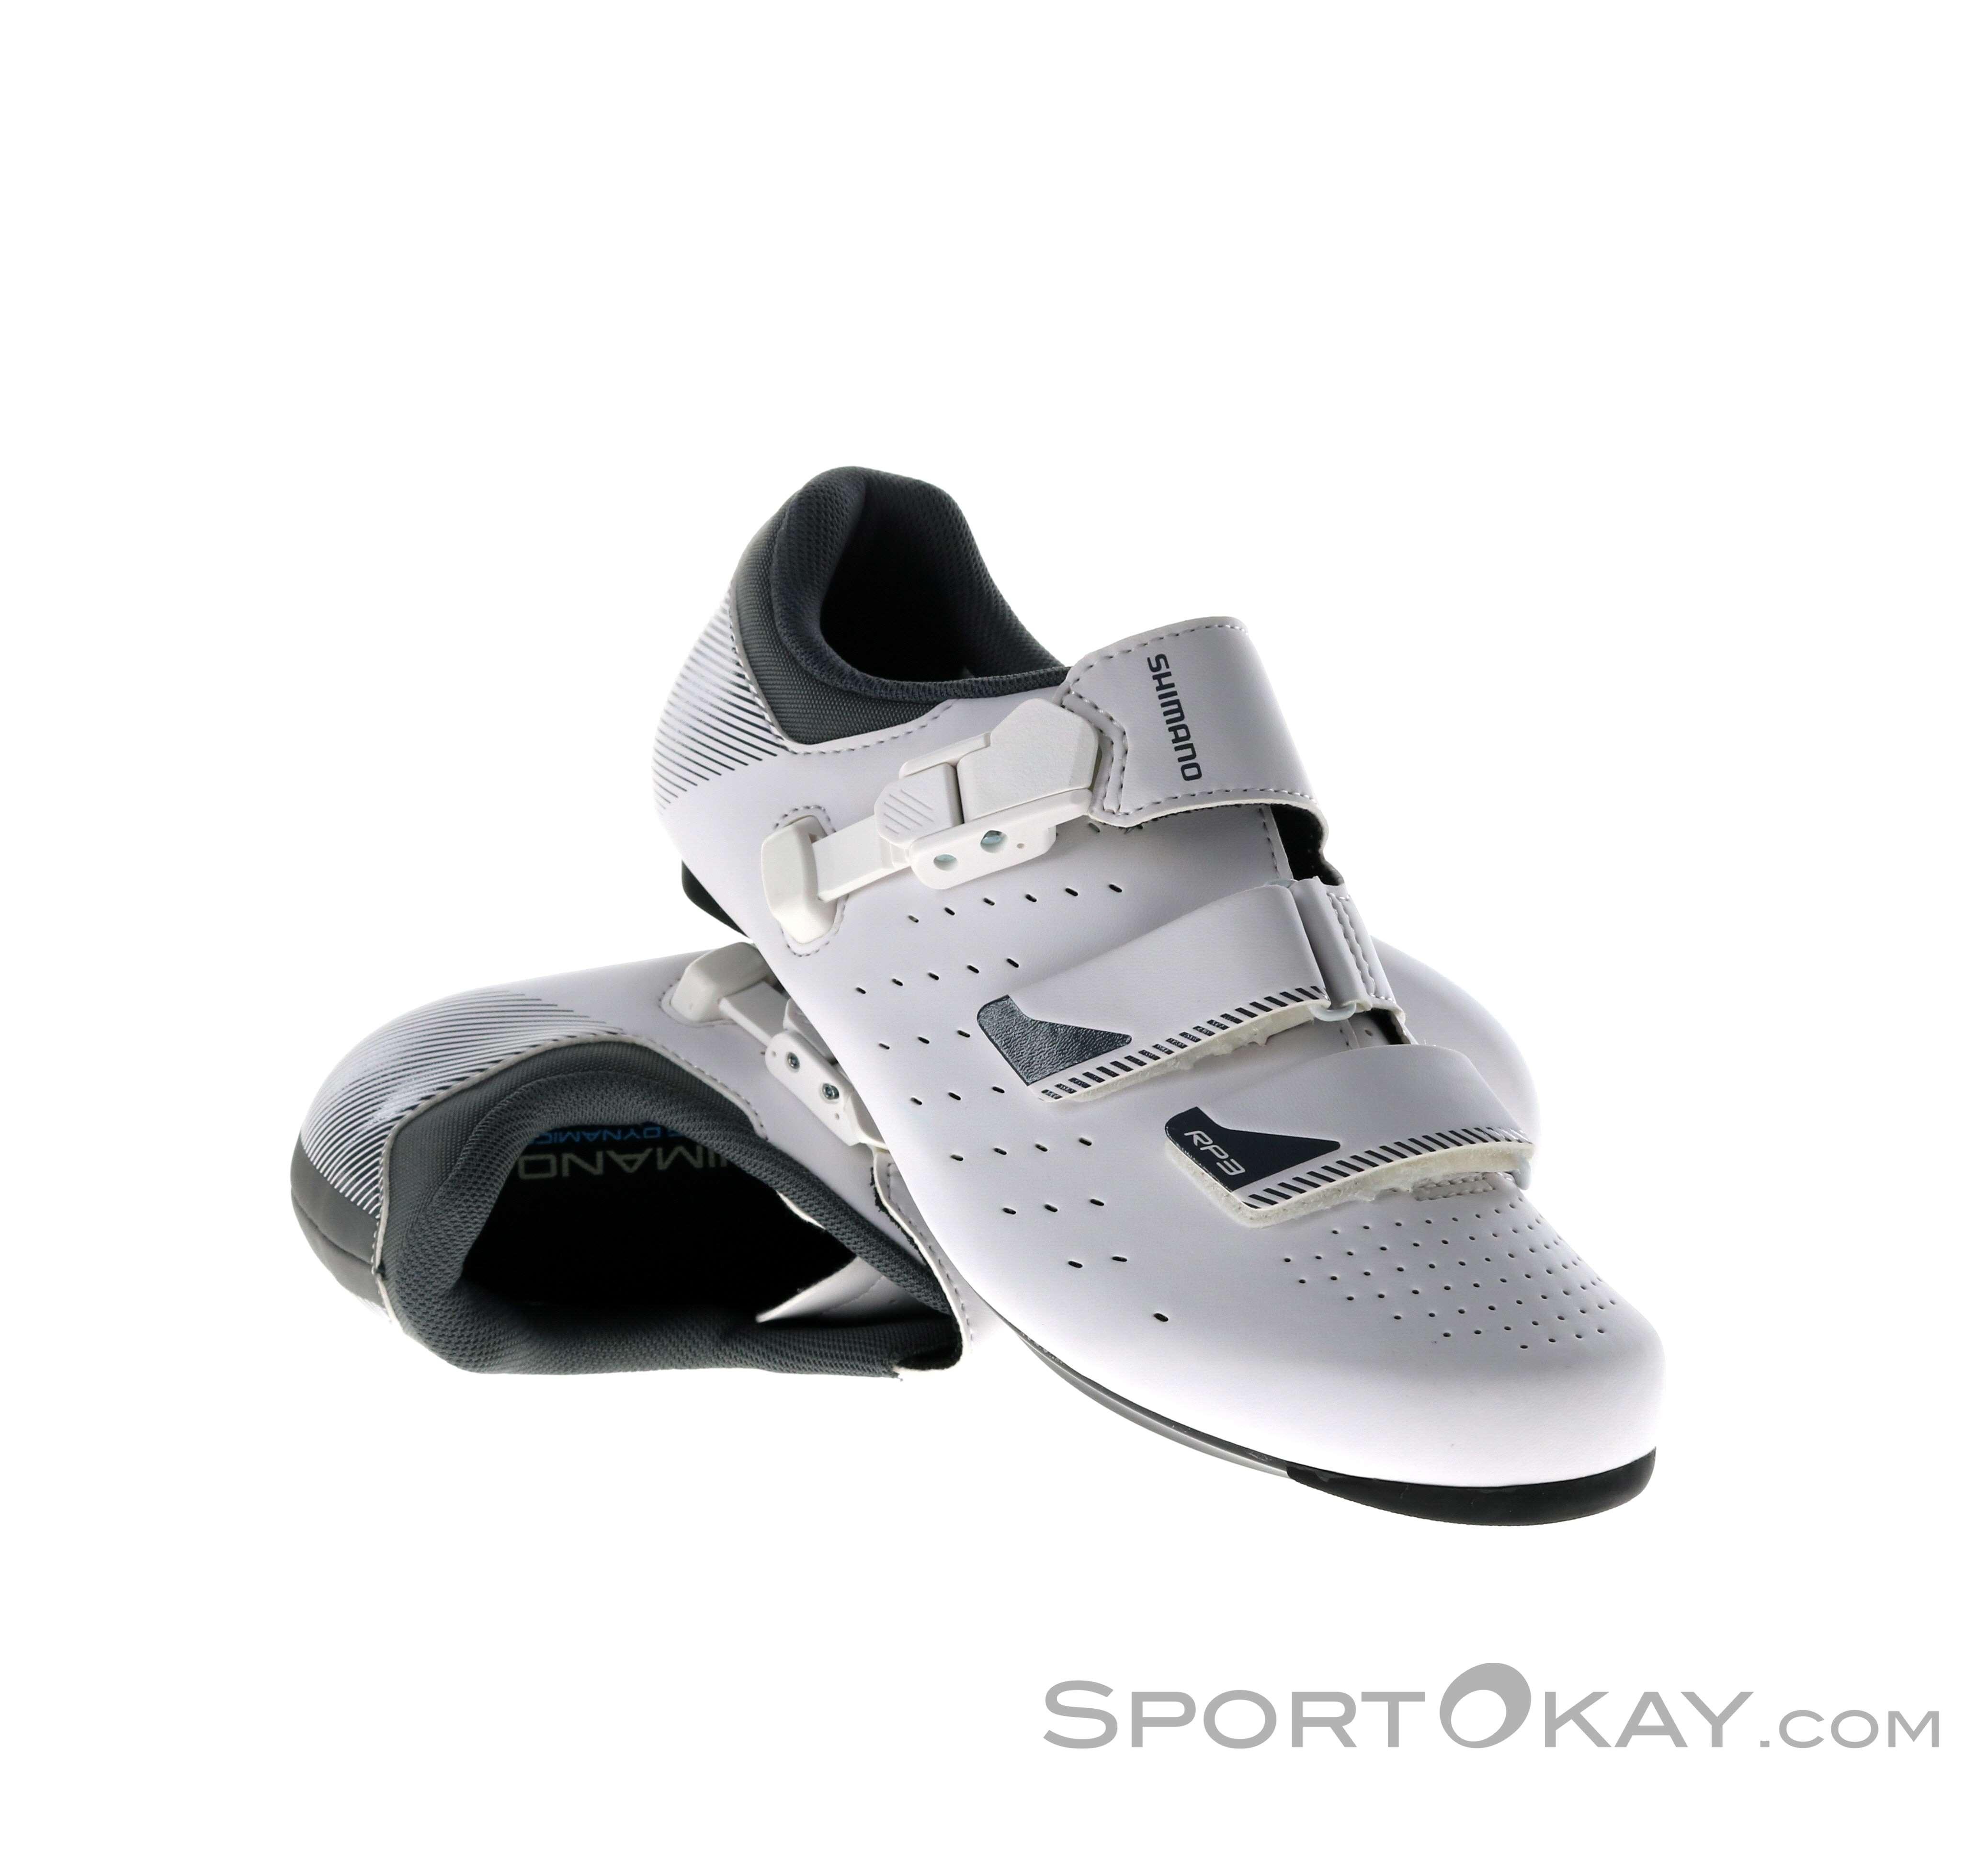 SHIMANO SH-RP301 Shoes Black 2020 Bike Shoes